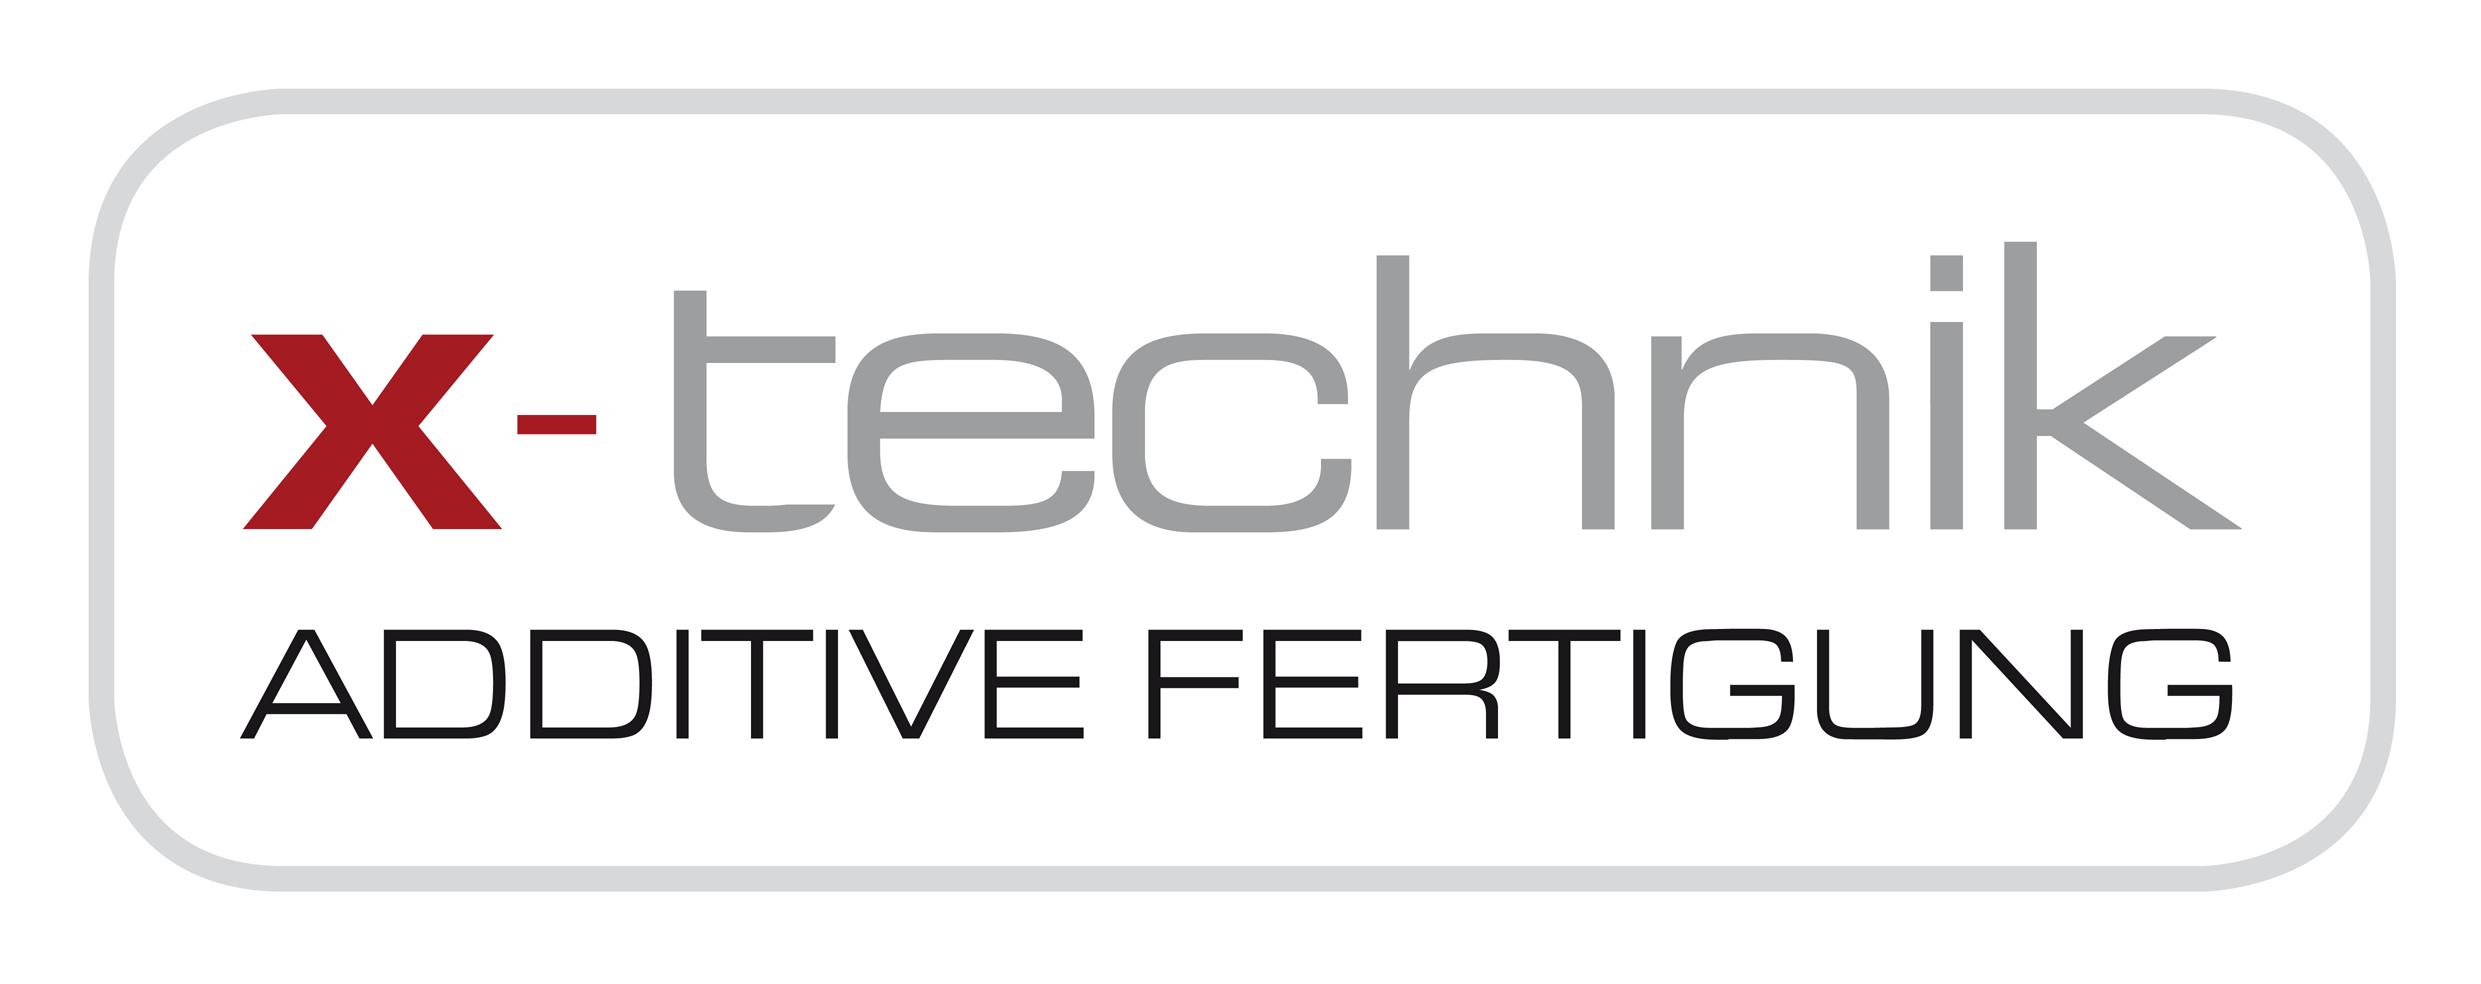 https://global-additive.com/wp-content/uploads/2019/09/x-technik_Logo_AF_quer.jpg